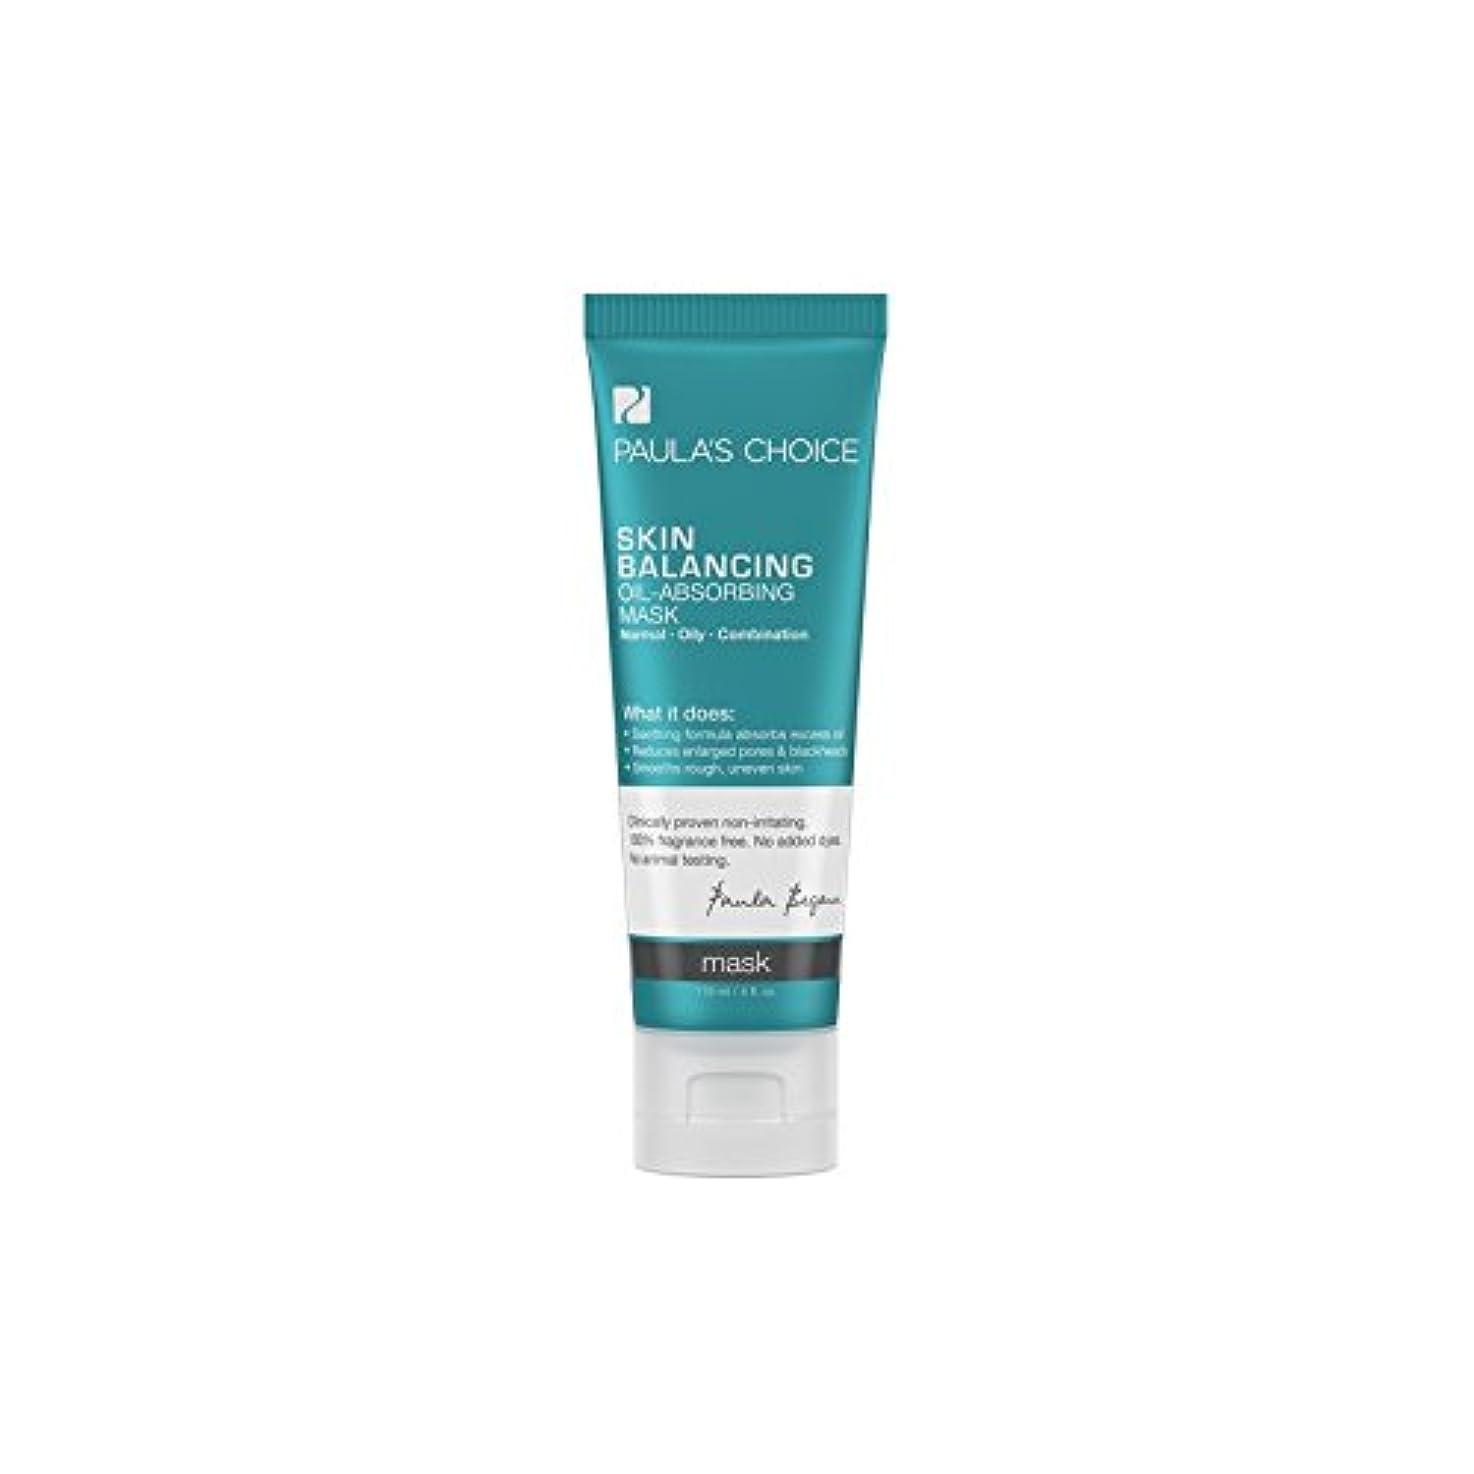 最近詩人寝室を掃除するPaula's Choice Skin Balancing Oil-Absorbing Mask (118ml) - ポーラチョイスの肌のバランス吸油性マスク(118ミリリットル) [並行輸入品]